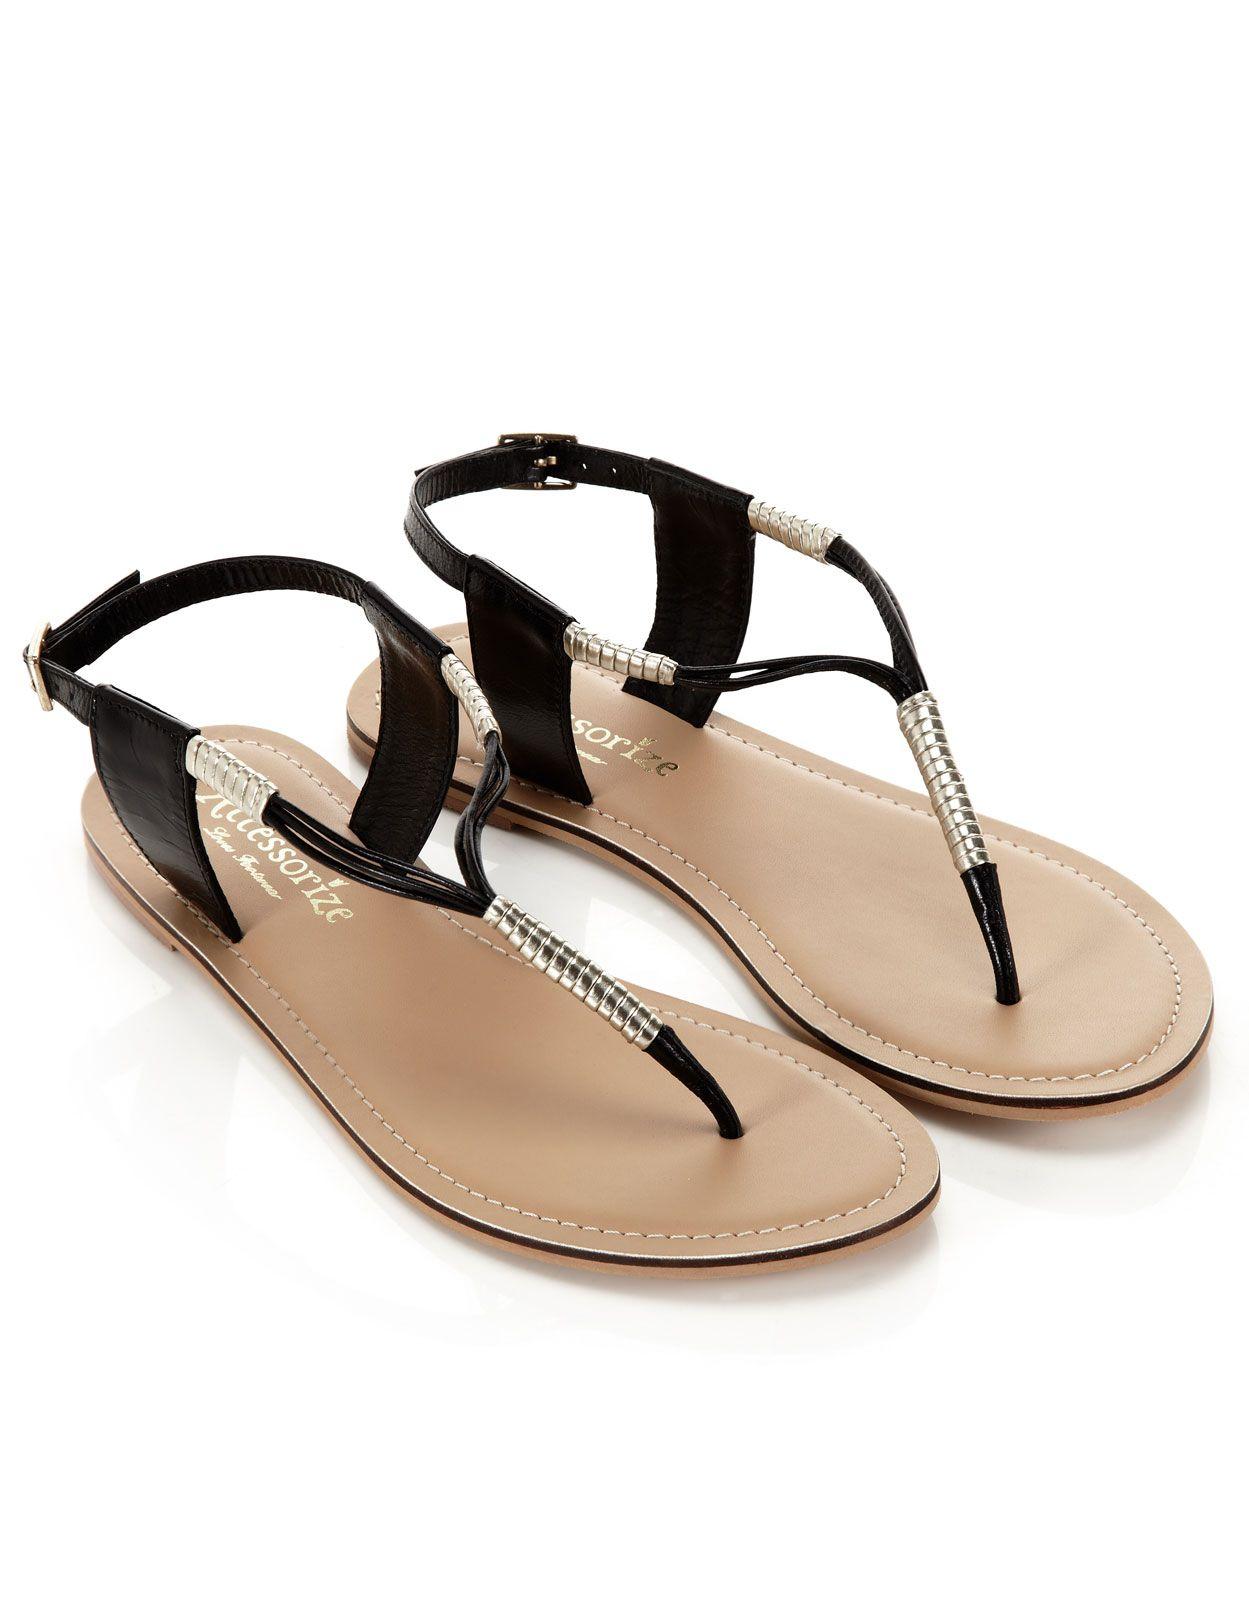 Umwickelte Sandalen mit Zehensteg | Schwarz | Accessorize